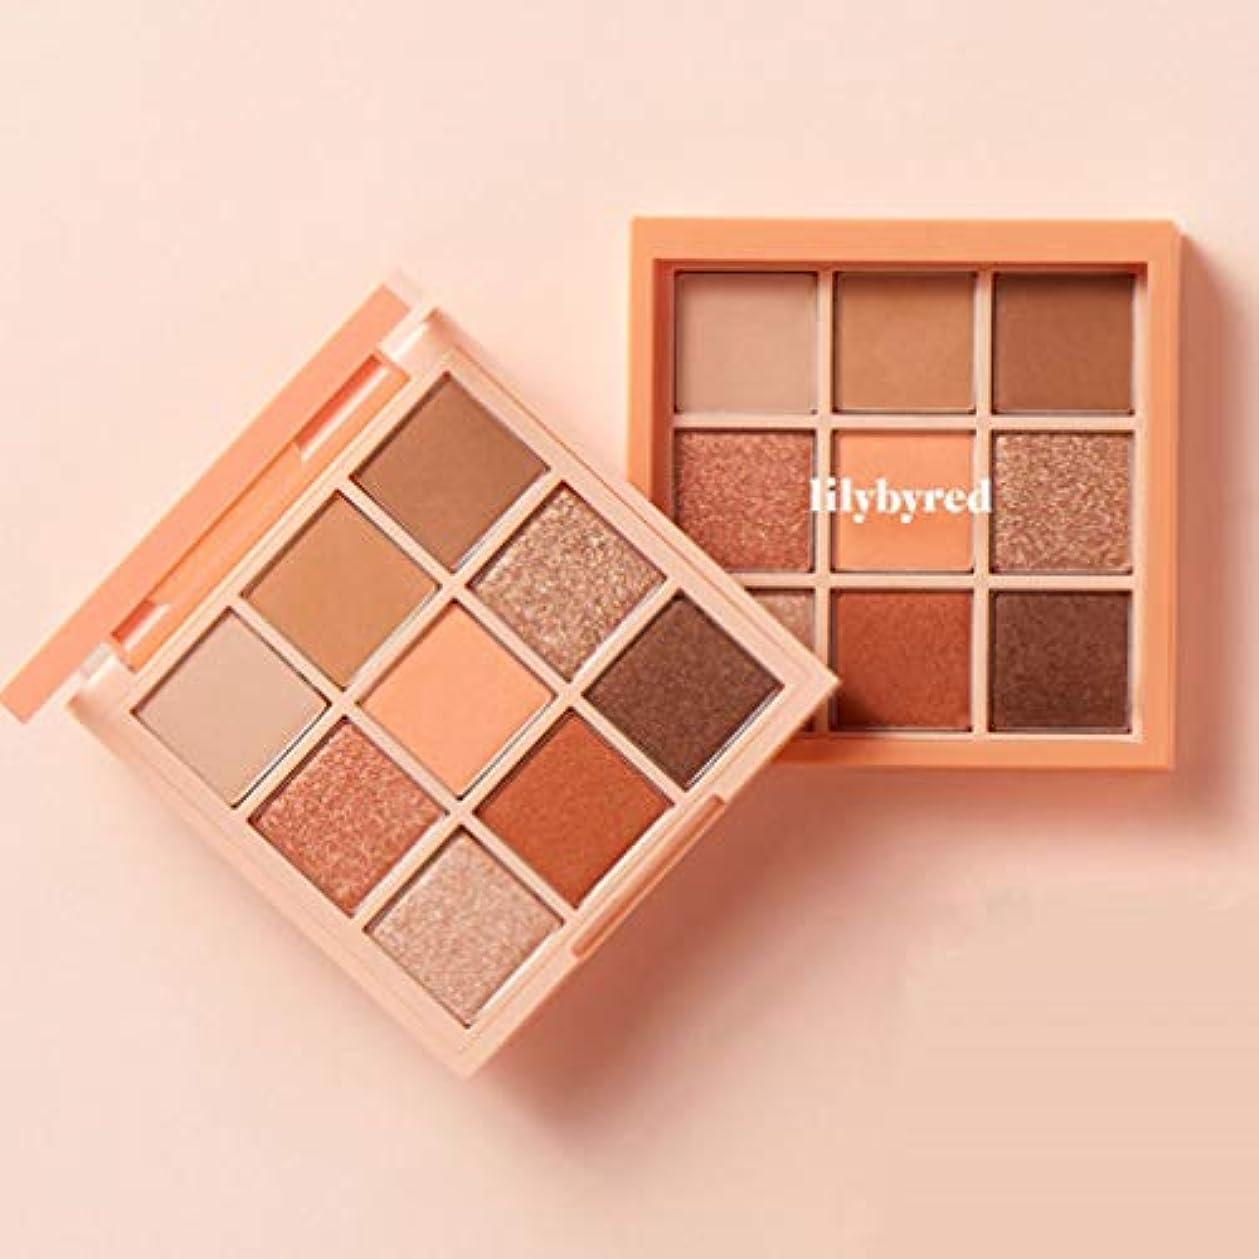 市区町村ピクニックをする故障LILYBYRED Mood Cheat Kit Eyeshadow Palette #Peach Energy 告発色、高密着、告知の中独歩的な高クオリティアイシャドウパレット9color(並行輸入品)